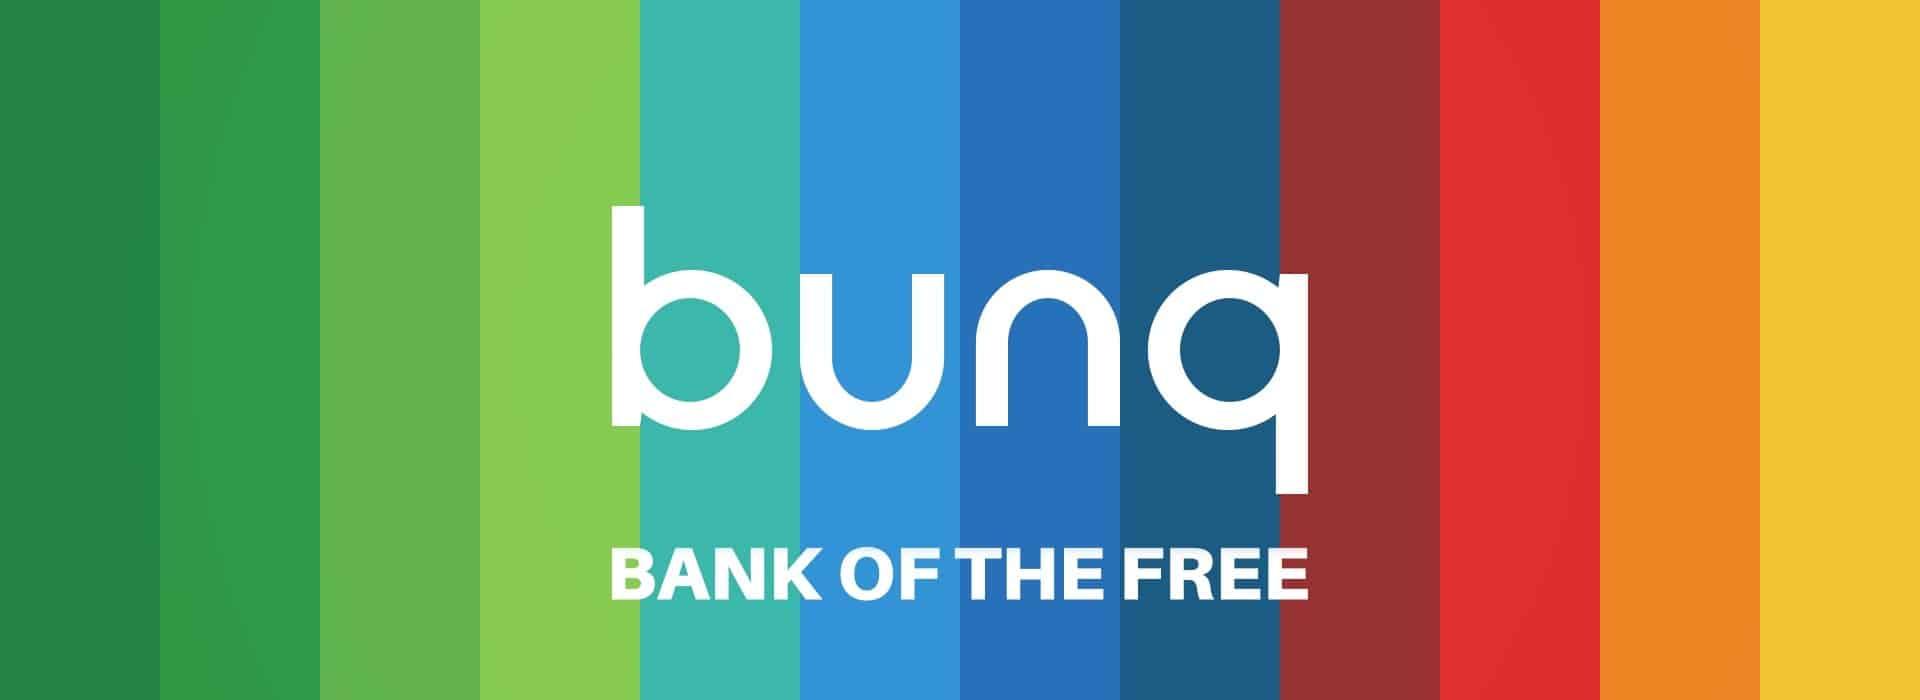 Onverwachte kosten voor creditcard bestaan niet bij Bunq